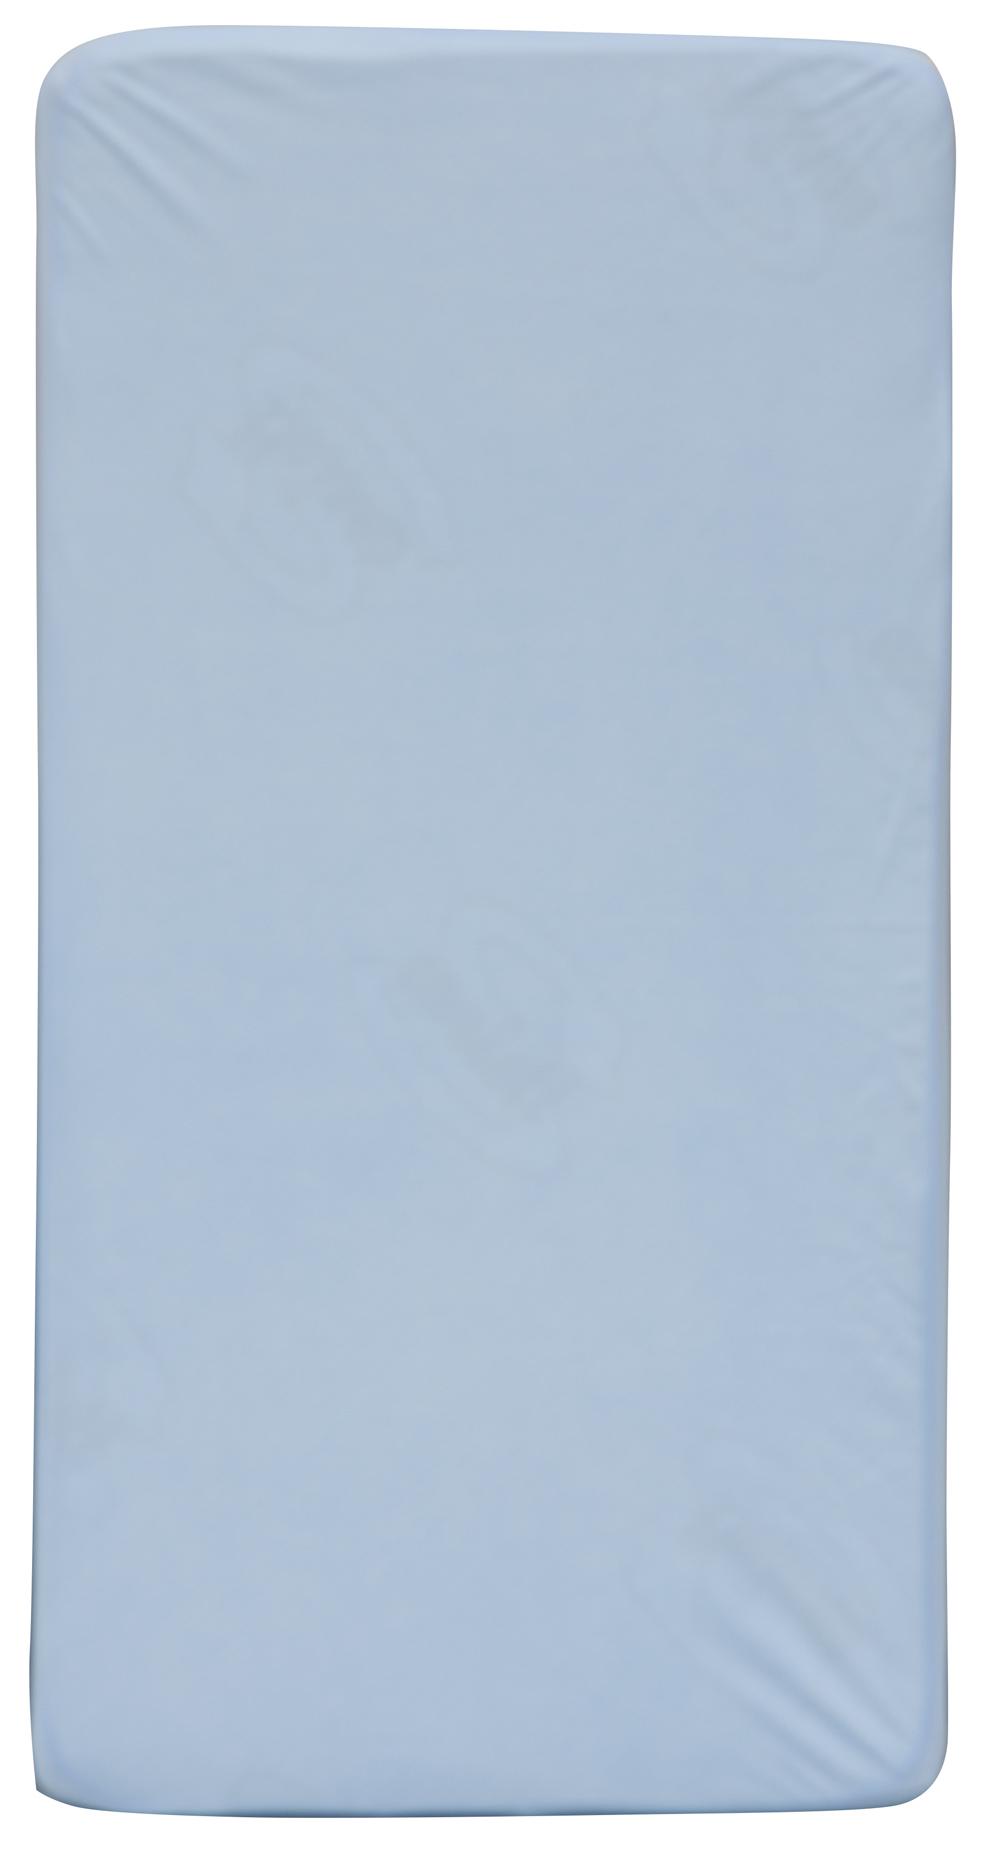 Scarlett, Nepropustné prostěradlo TENCEL - modrá 60 x 120 cm